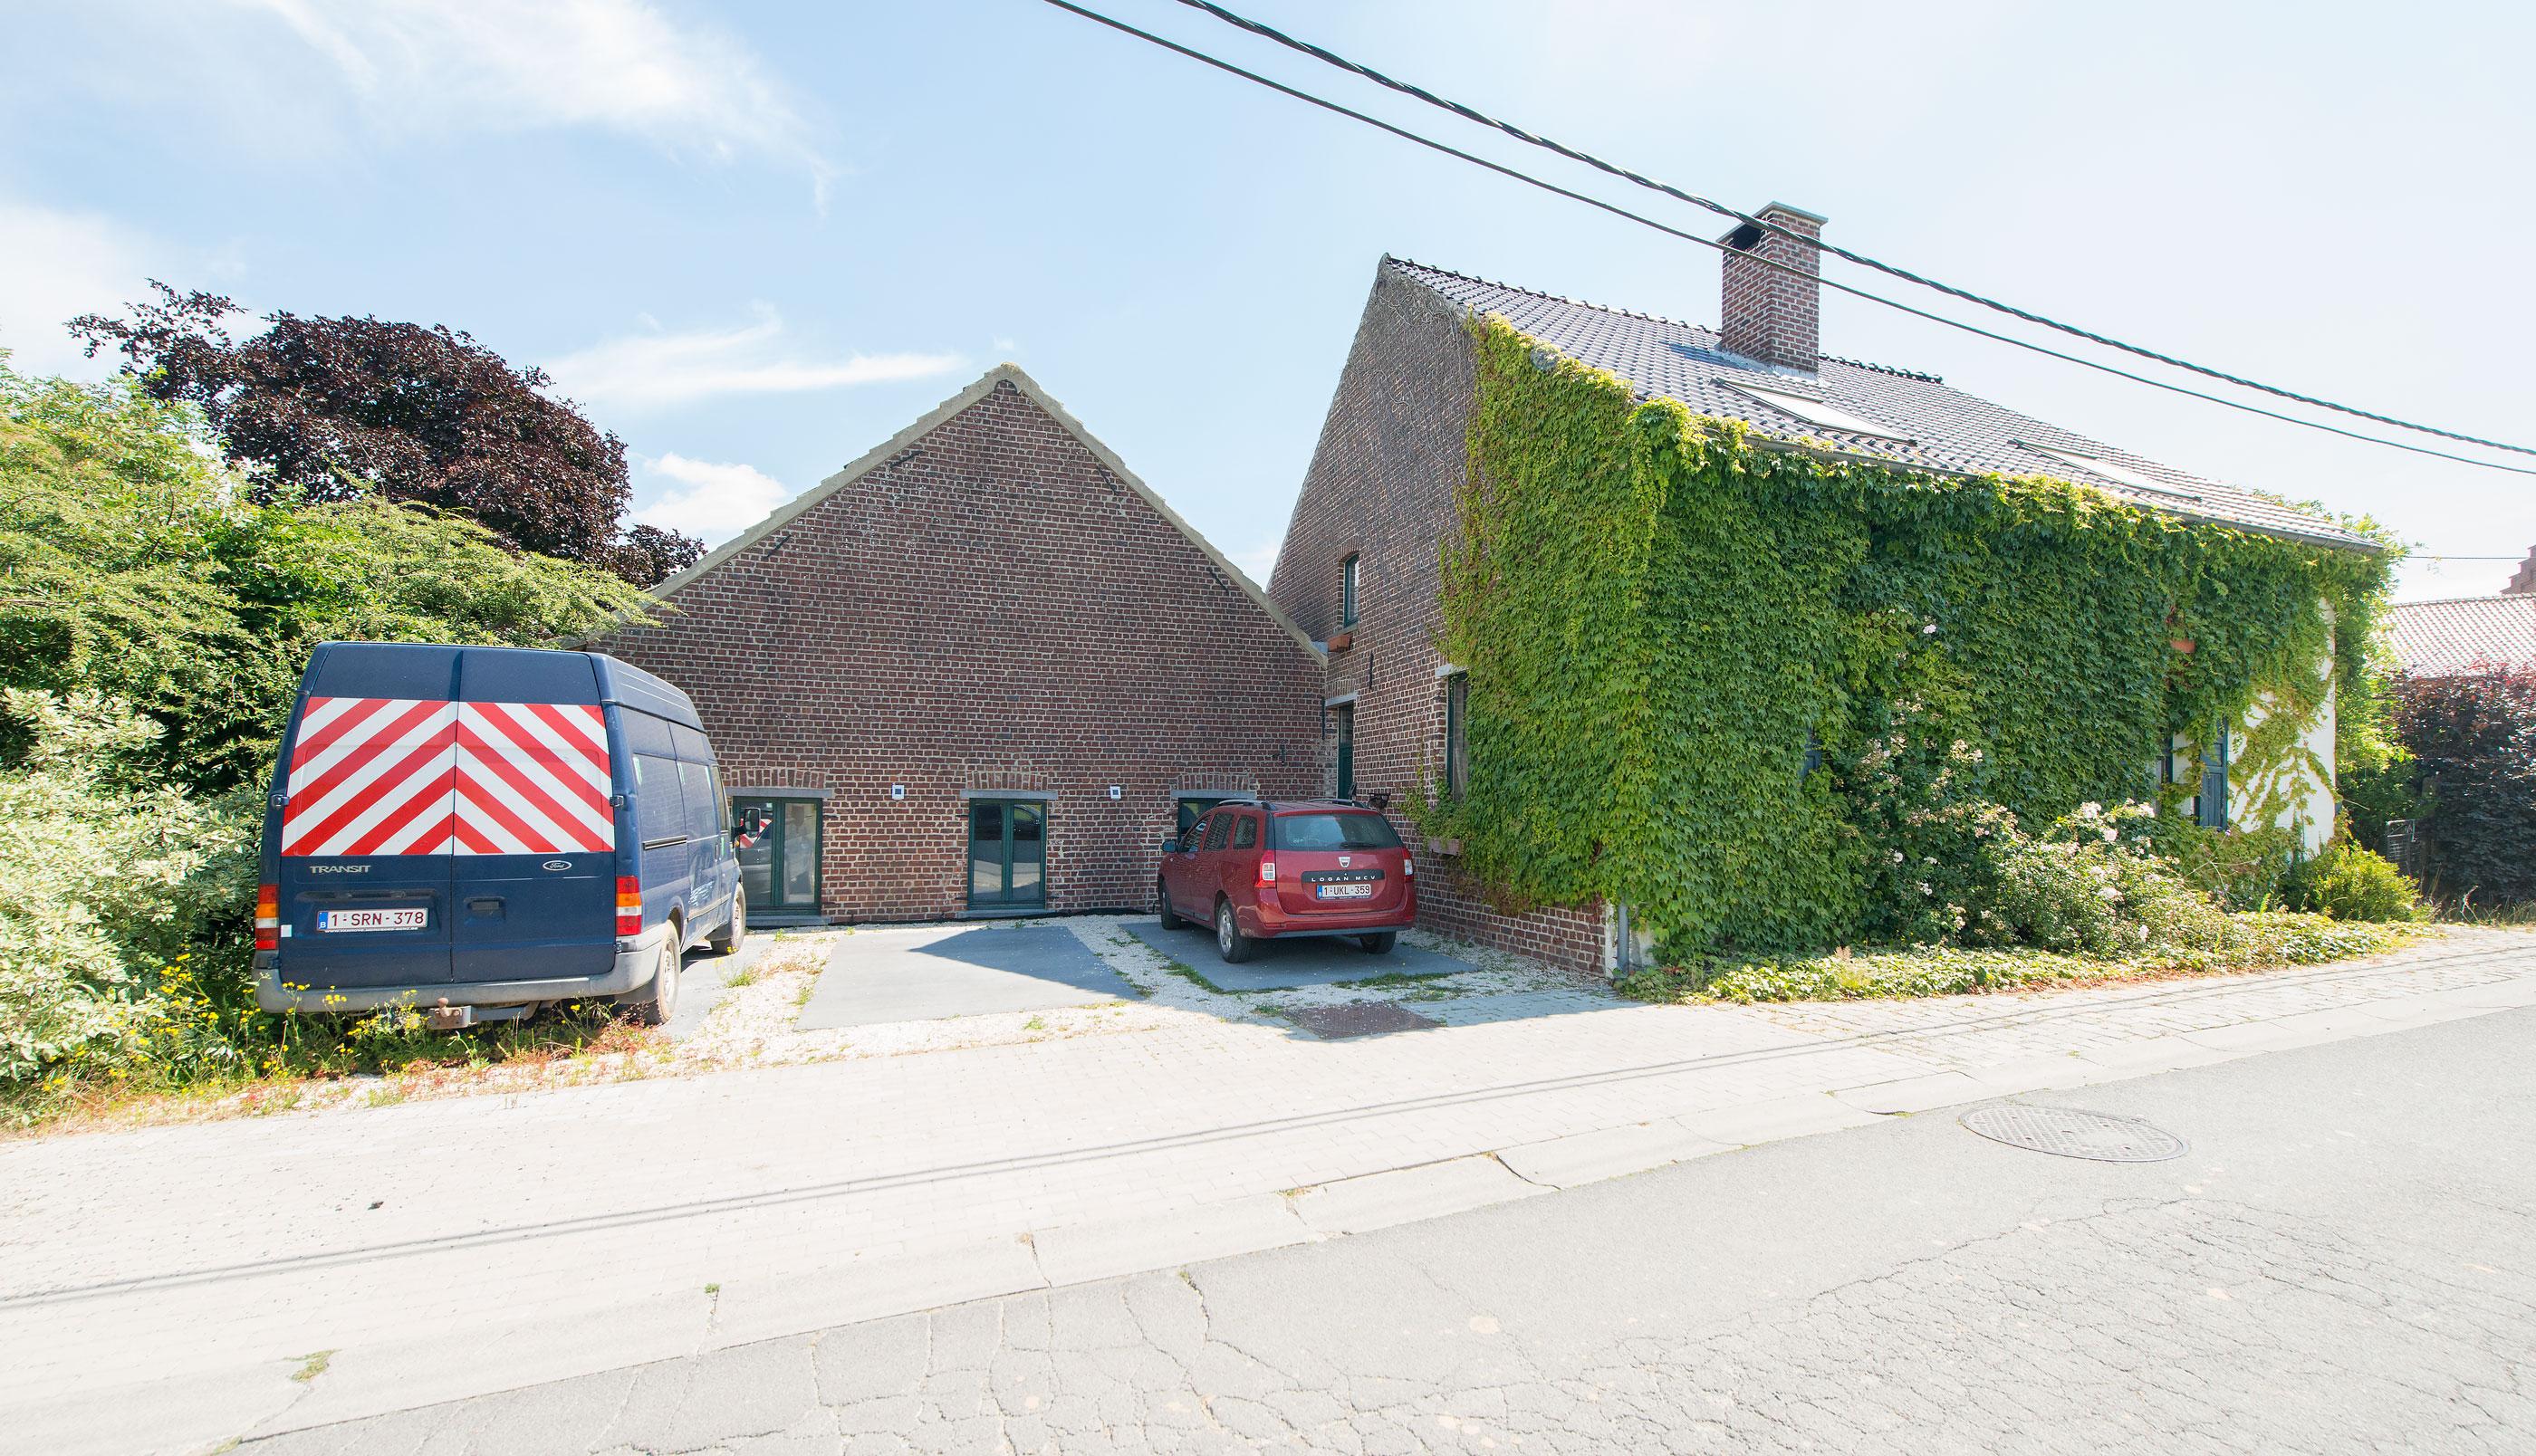 Sint-Pieters-Leeuw (Oudenaken)